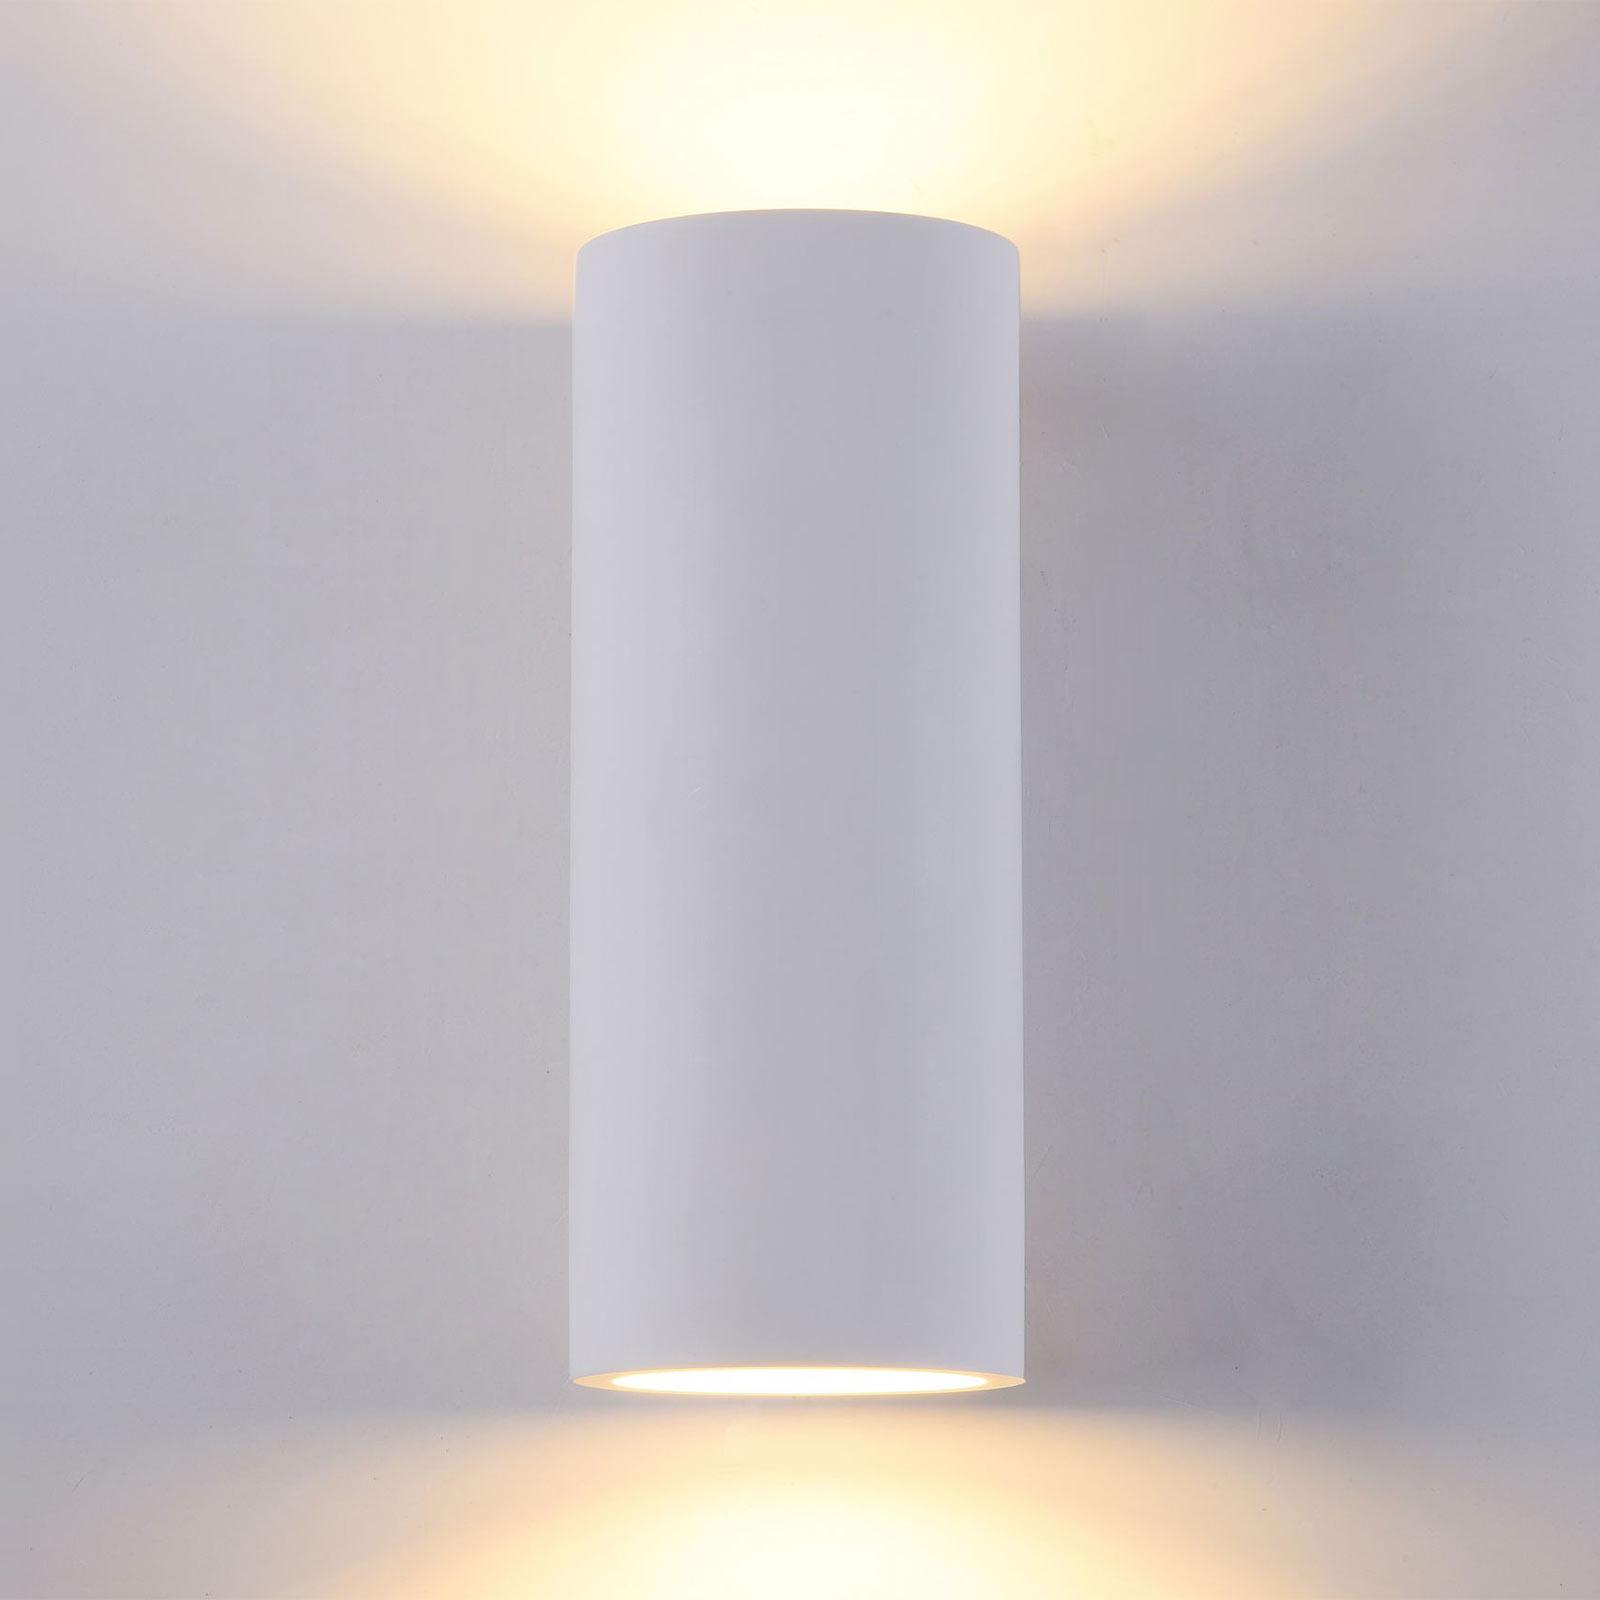 Wandlamp Parma van gips, 8x20 cm